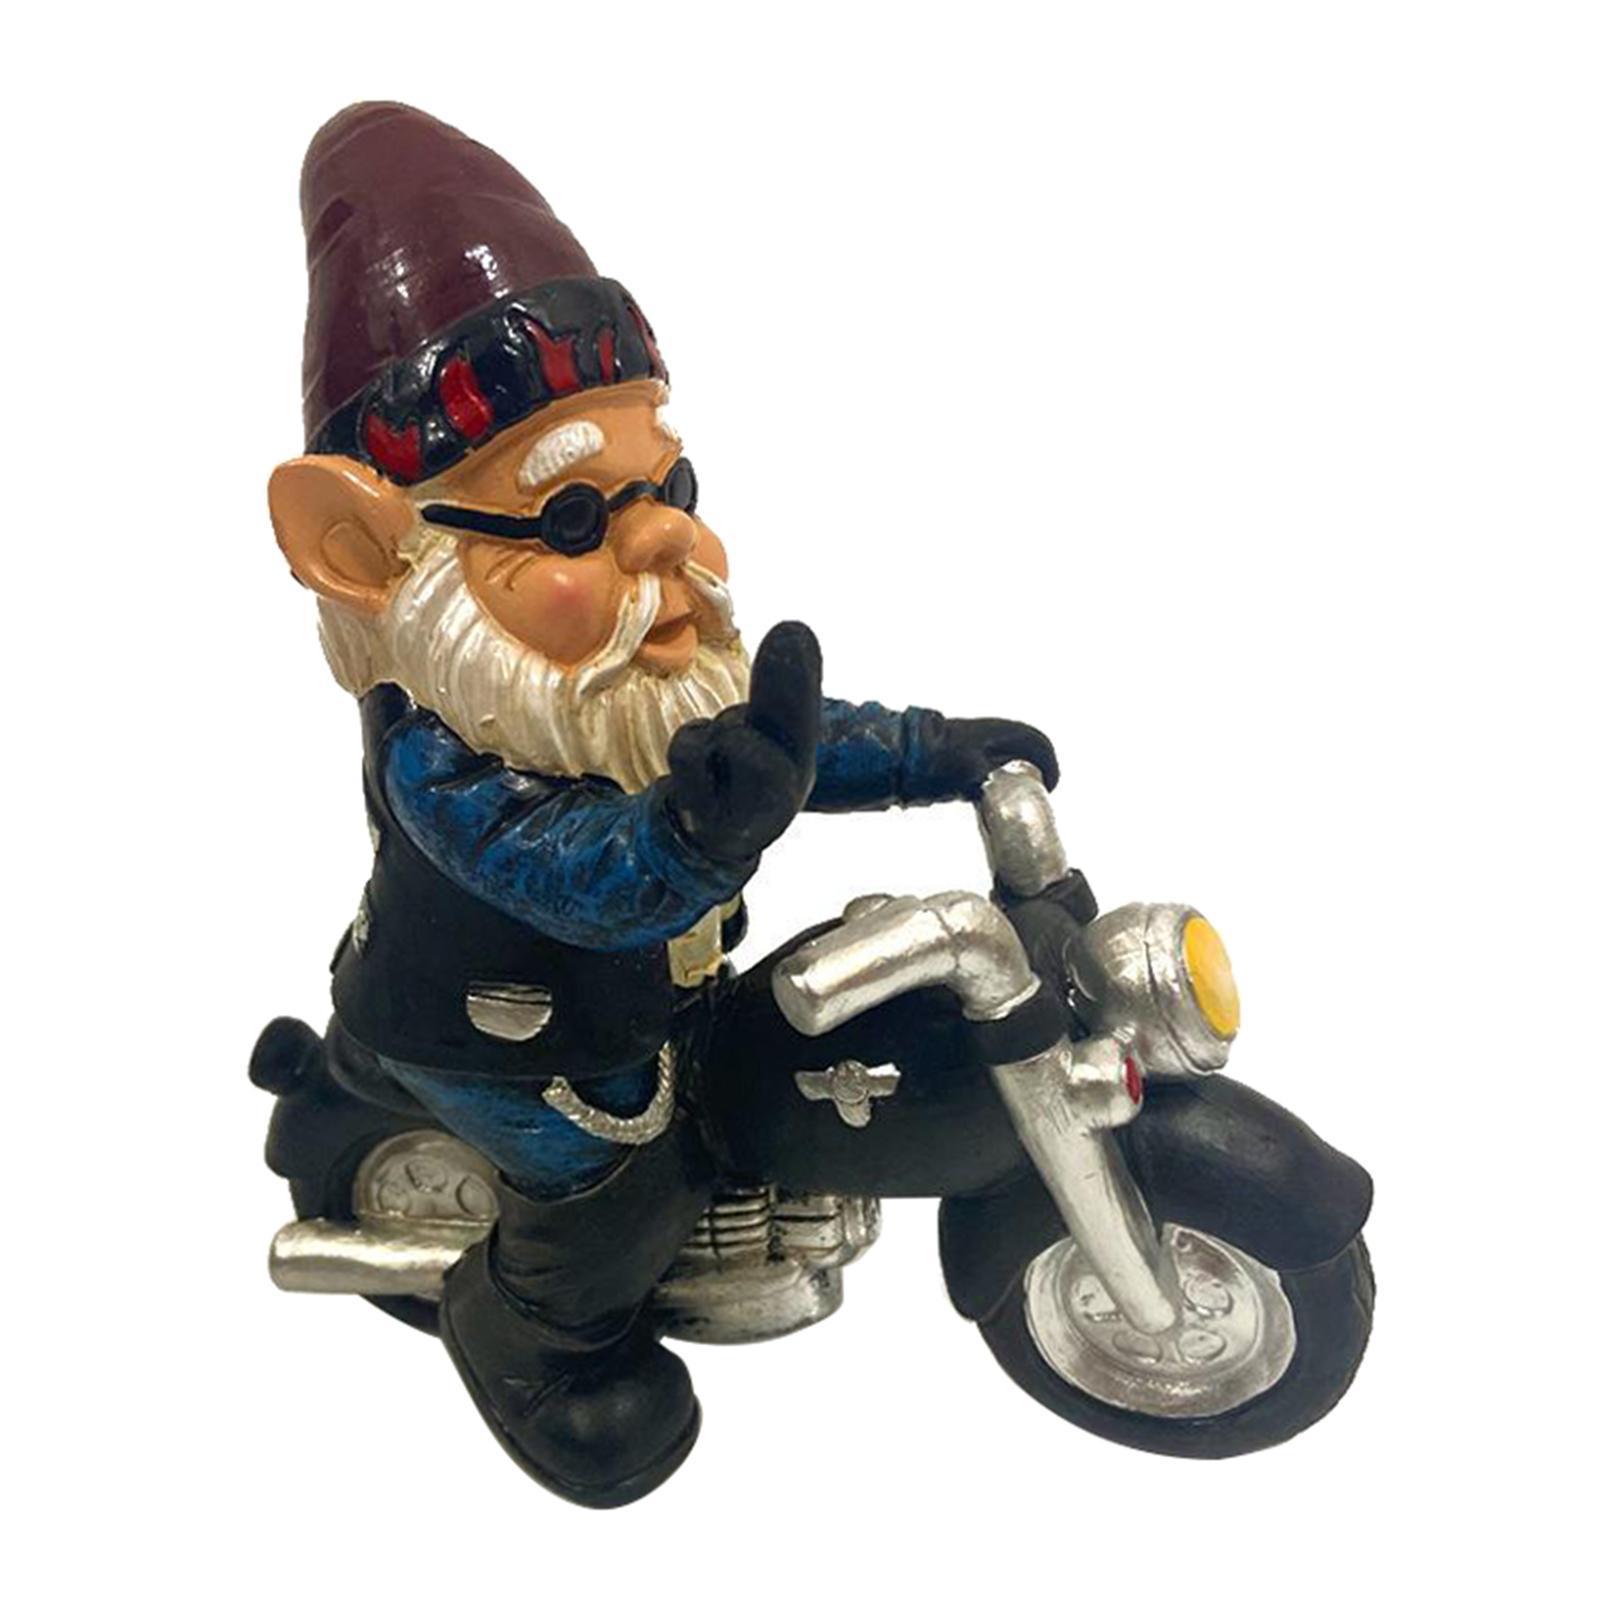 thumbnail 24 - Garden Gnome Polyresin Garden Sculpture Outdoor/Indoor Decor Funny Lawn Figurine